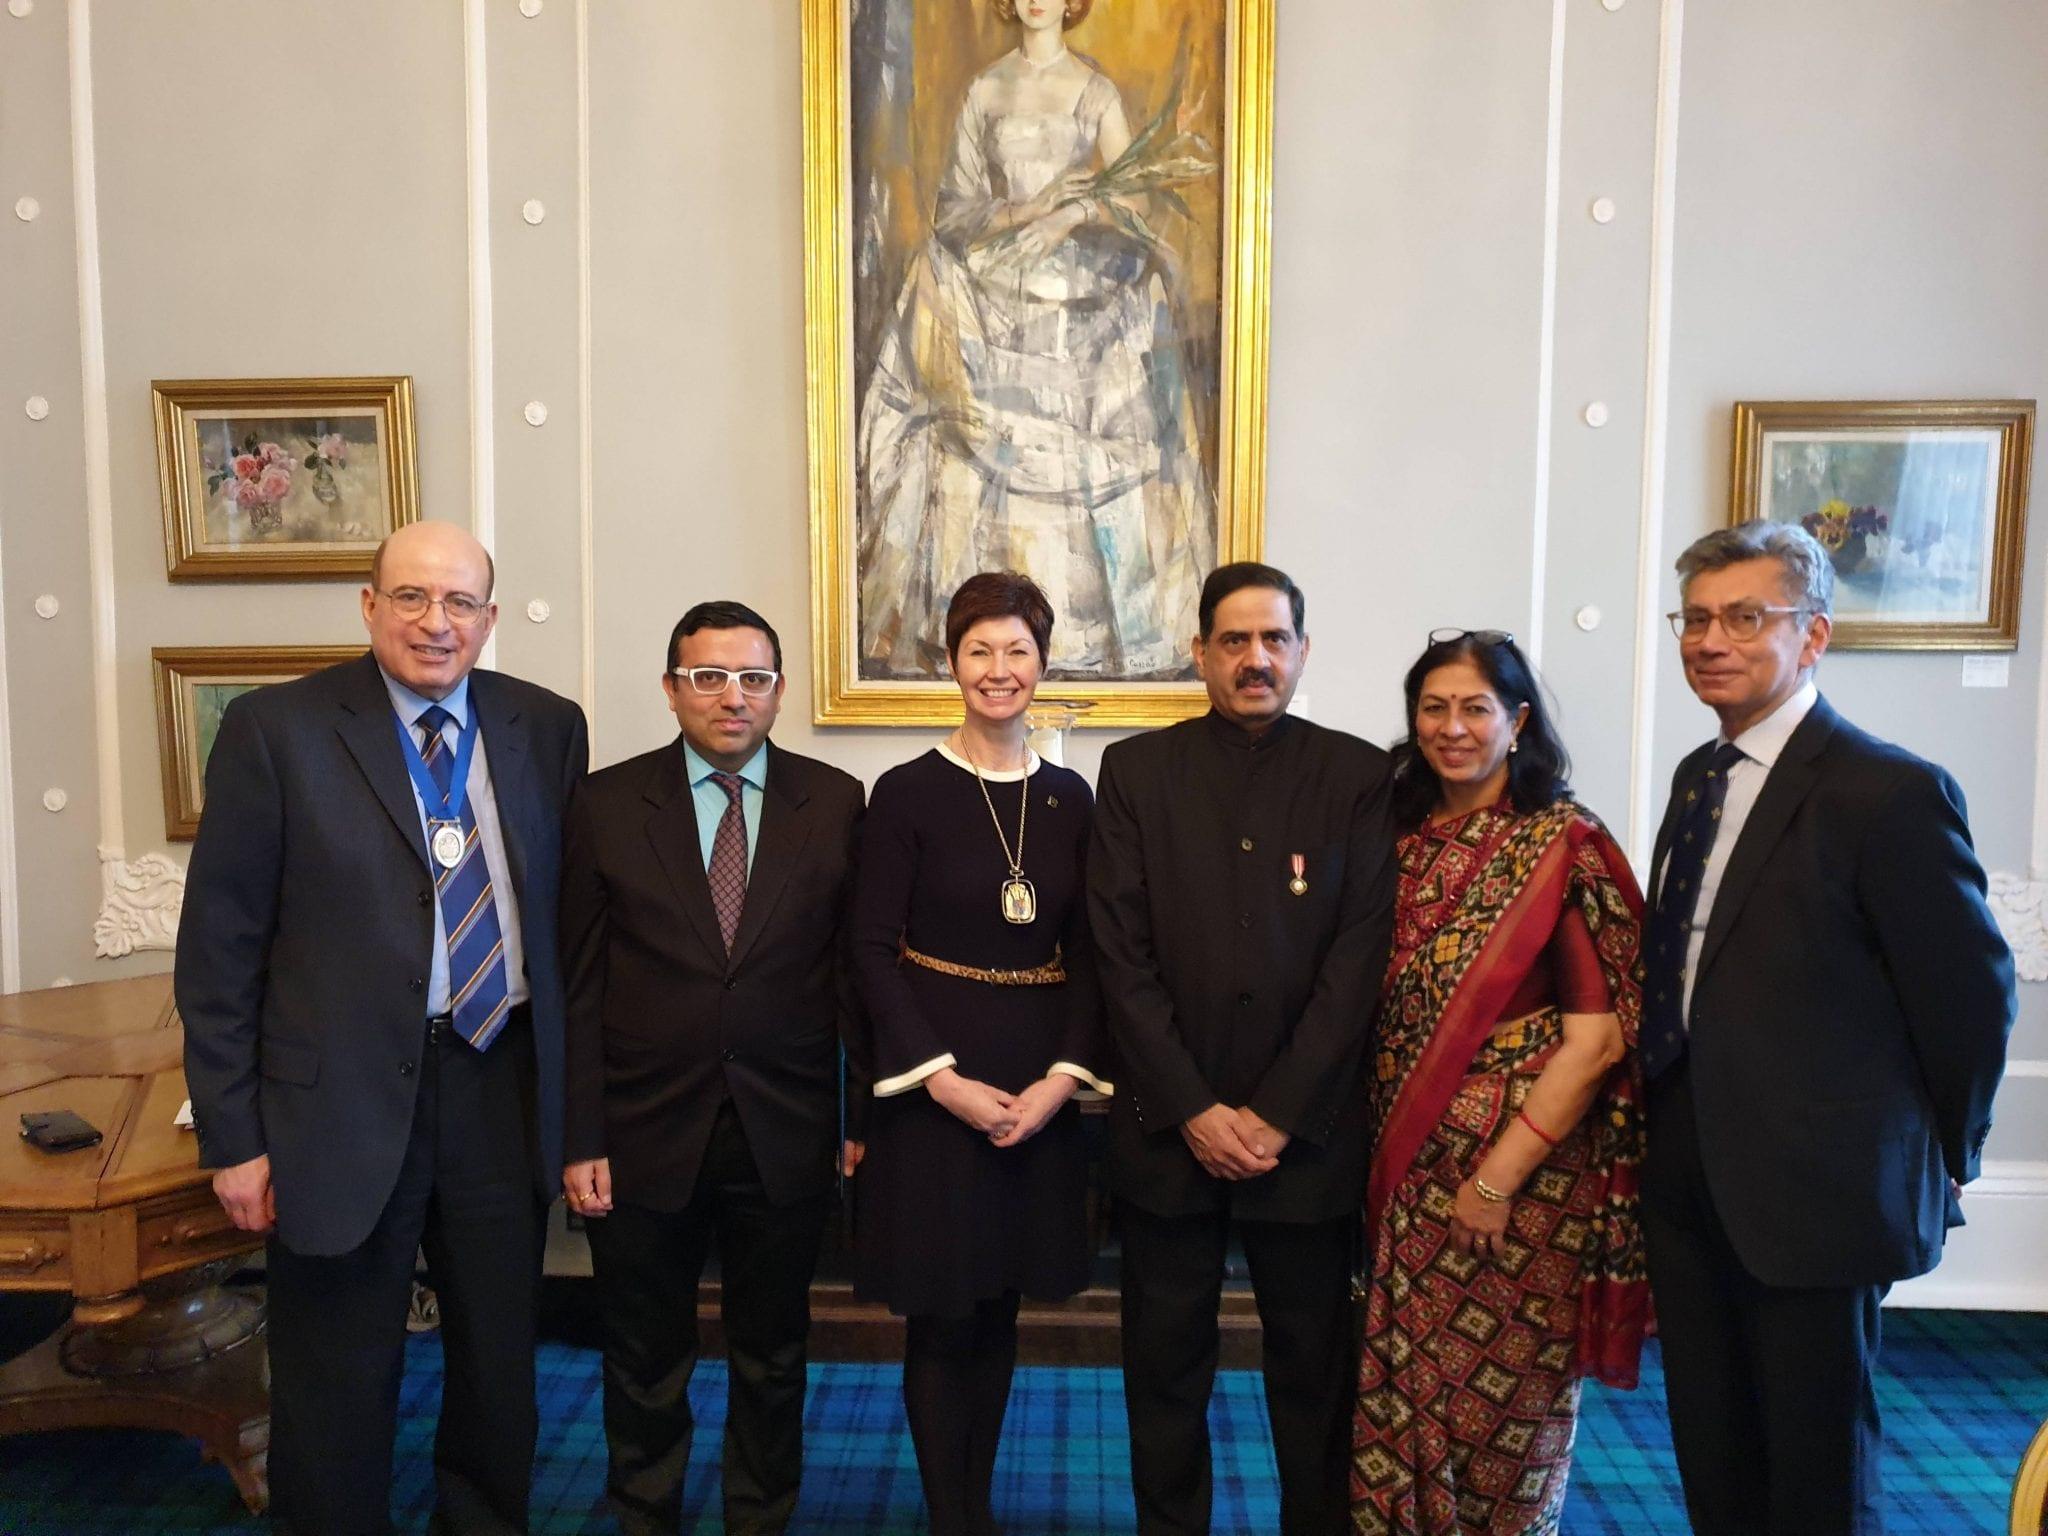 Professor Balram Bhargava awarded College's President's Medal